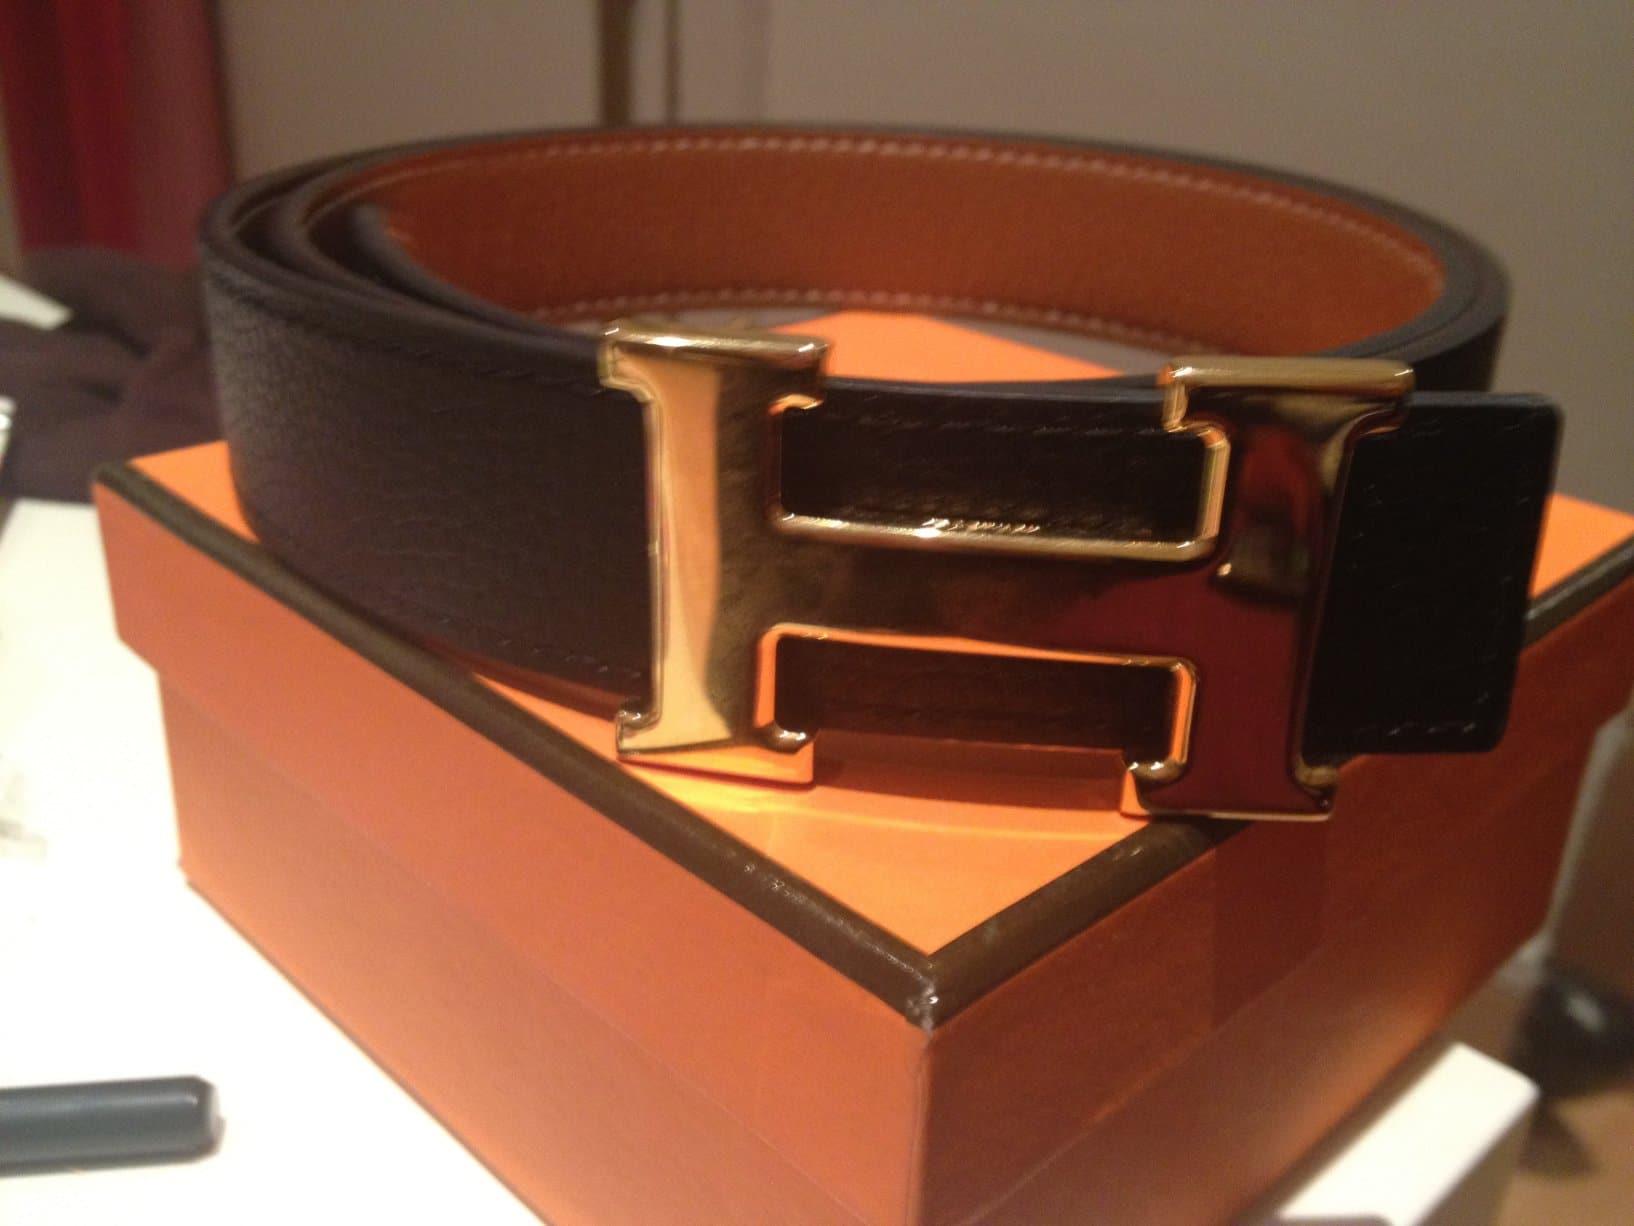 e013557984da1 Ceinture Hermes : un produit de luxe pour aller avec vos costumes de ...